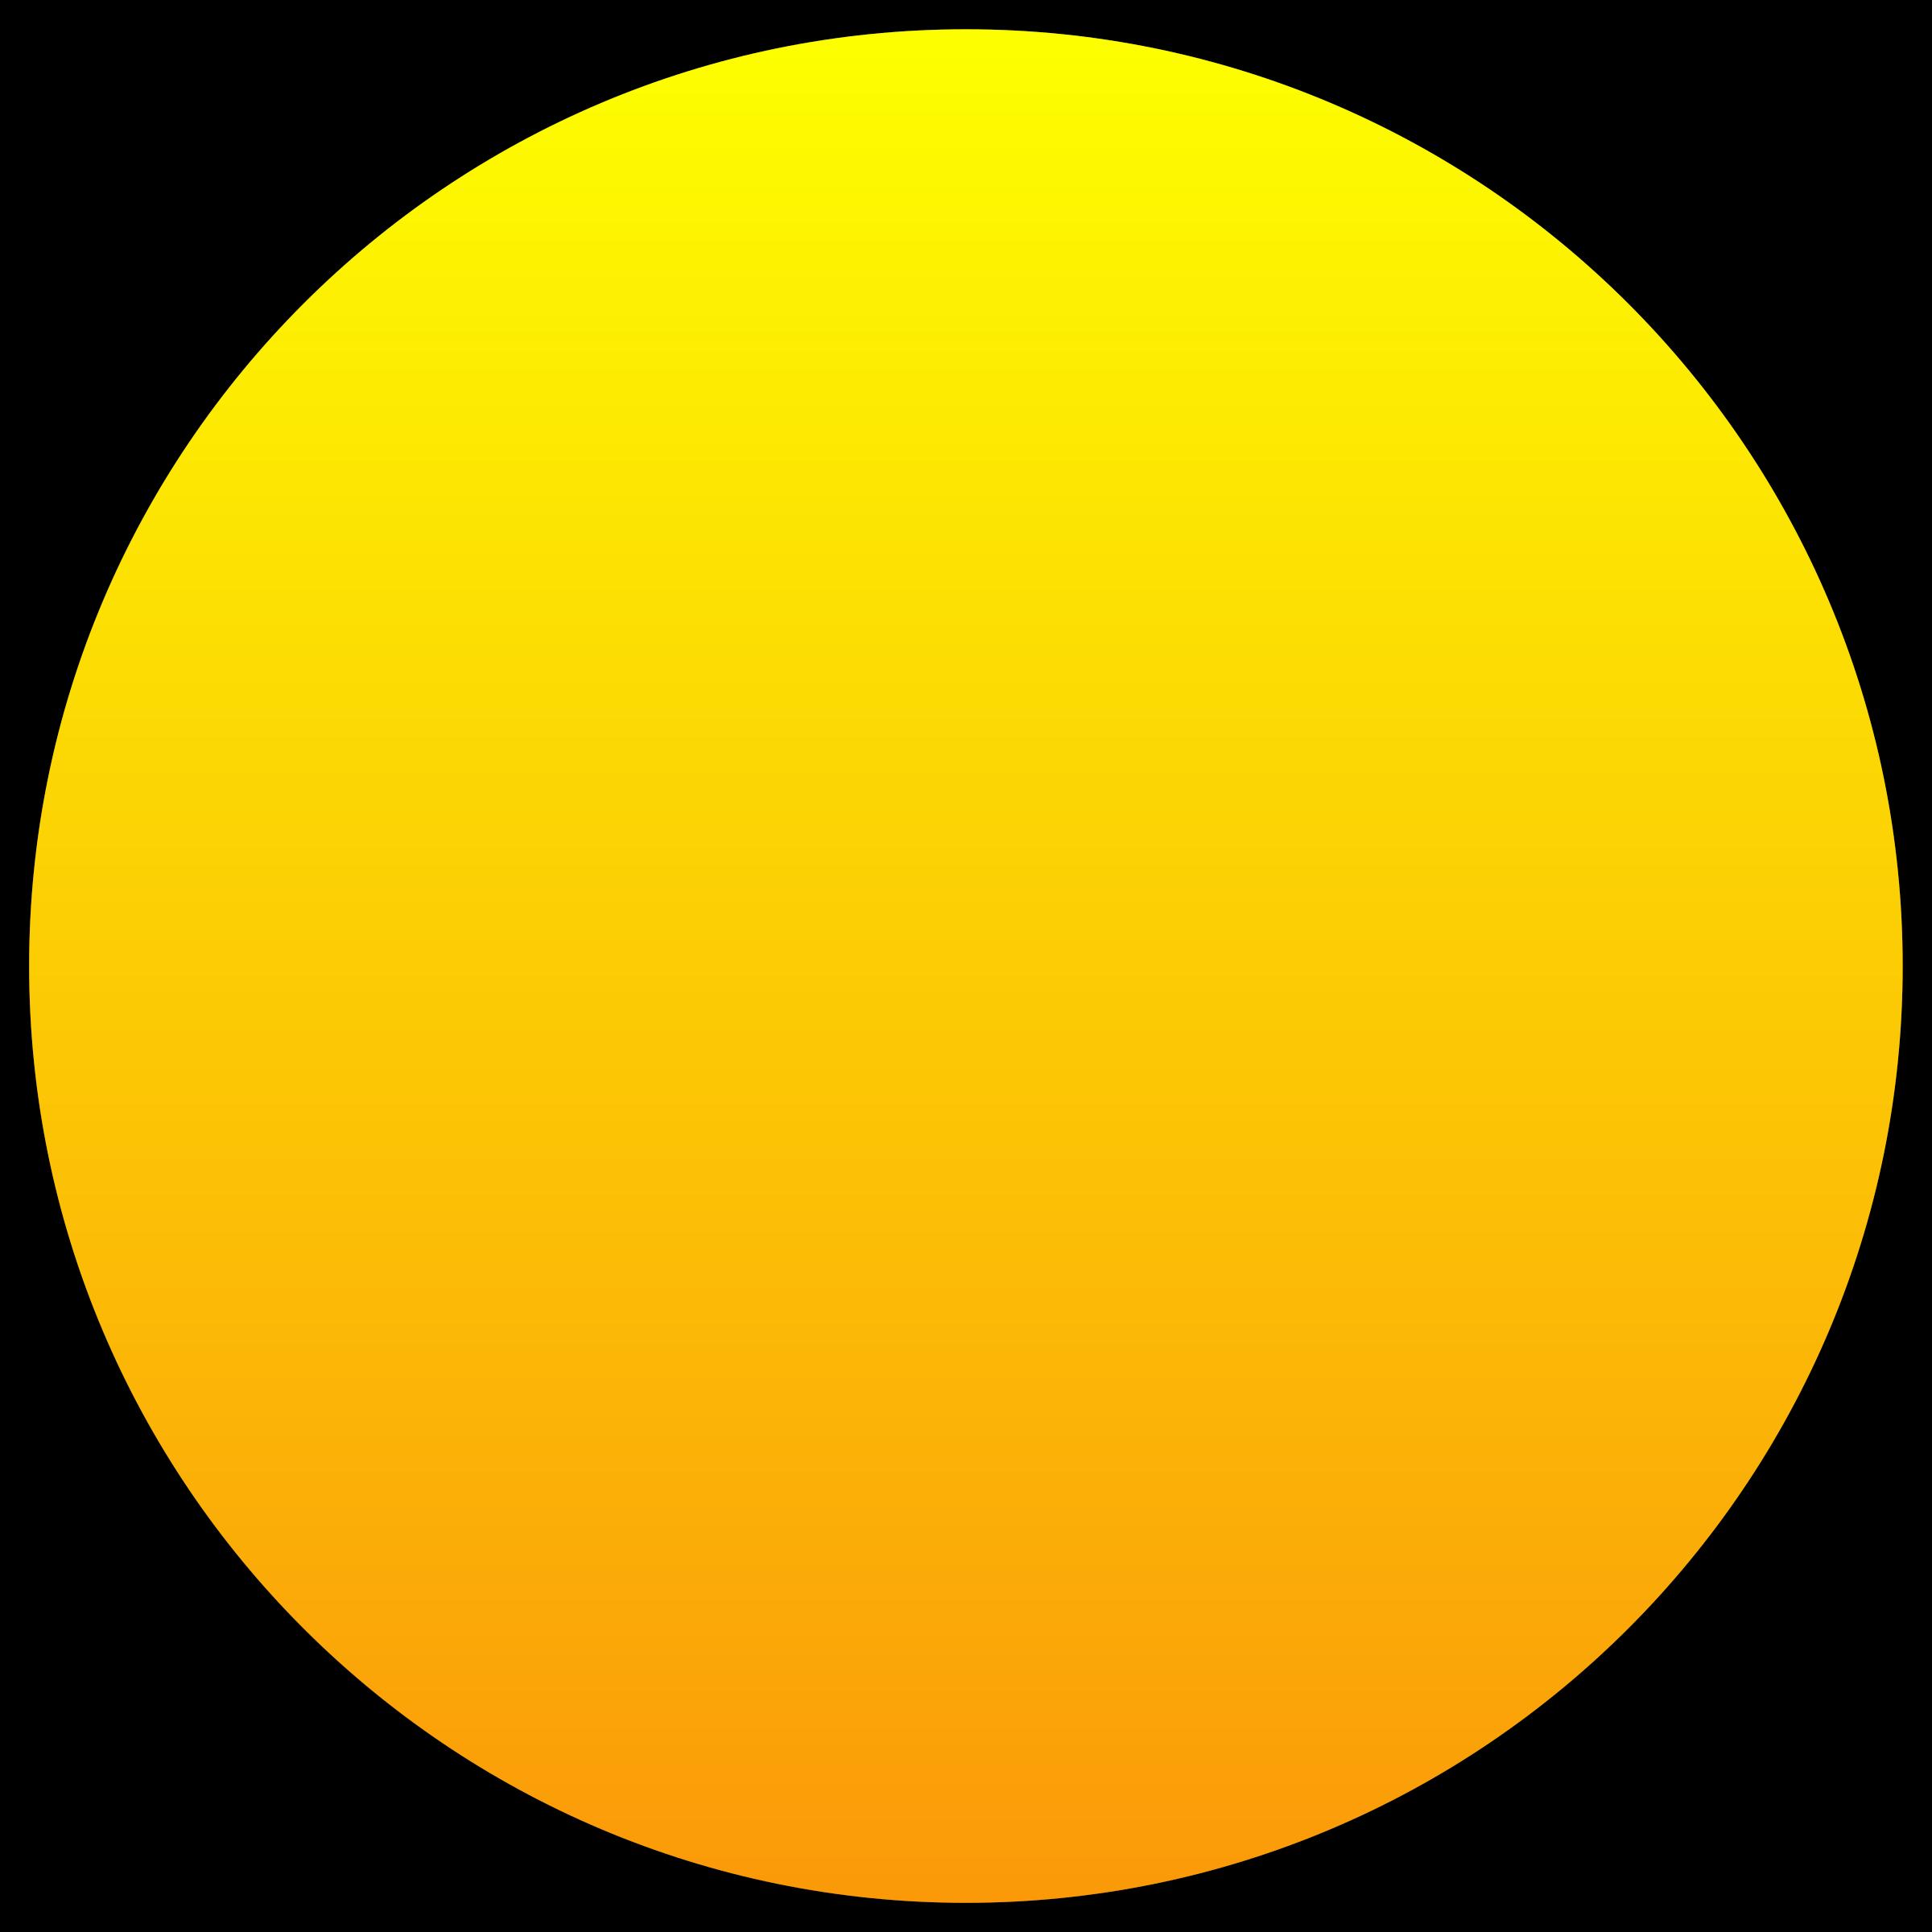 Картинки круг желтый